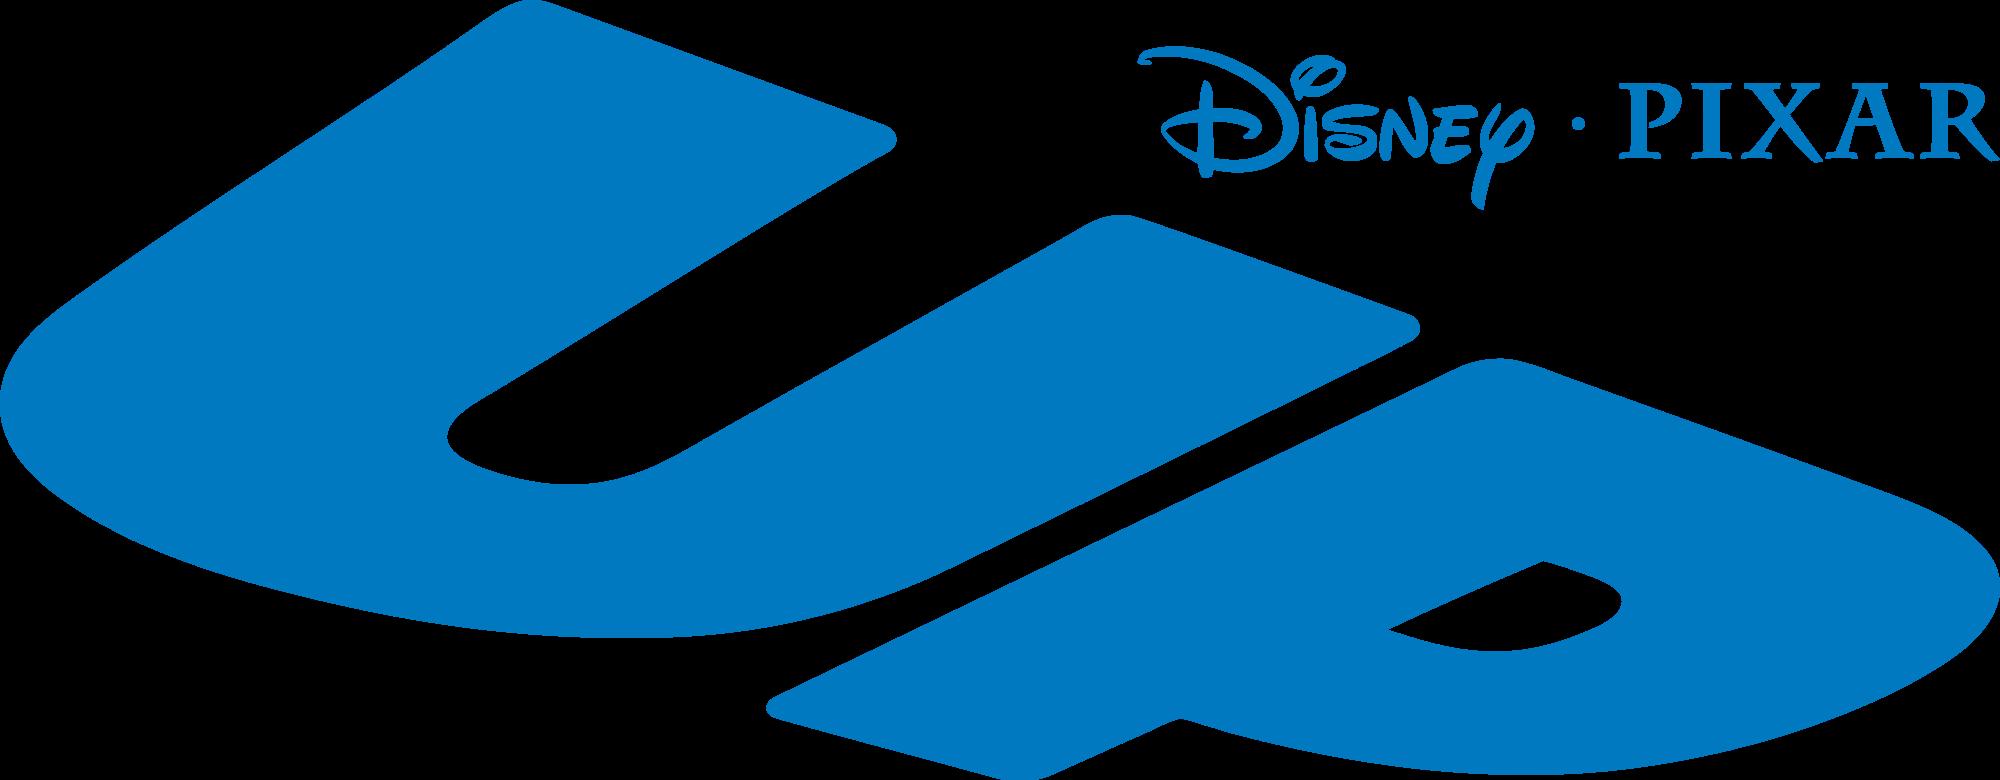 Up clipart disney pixar. File film logo svg